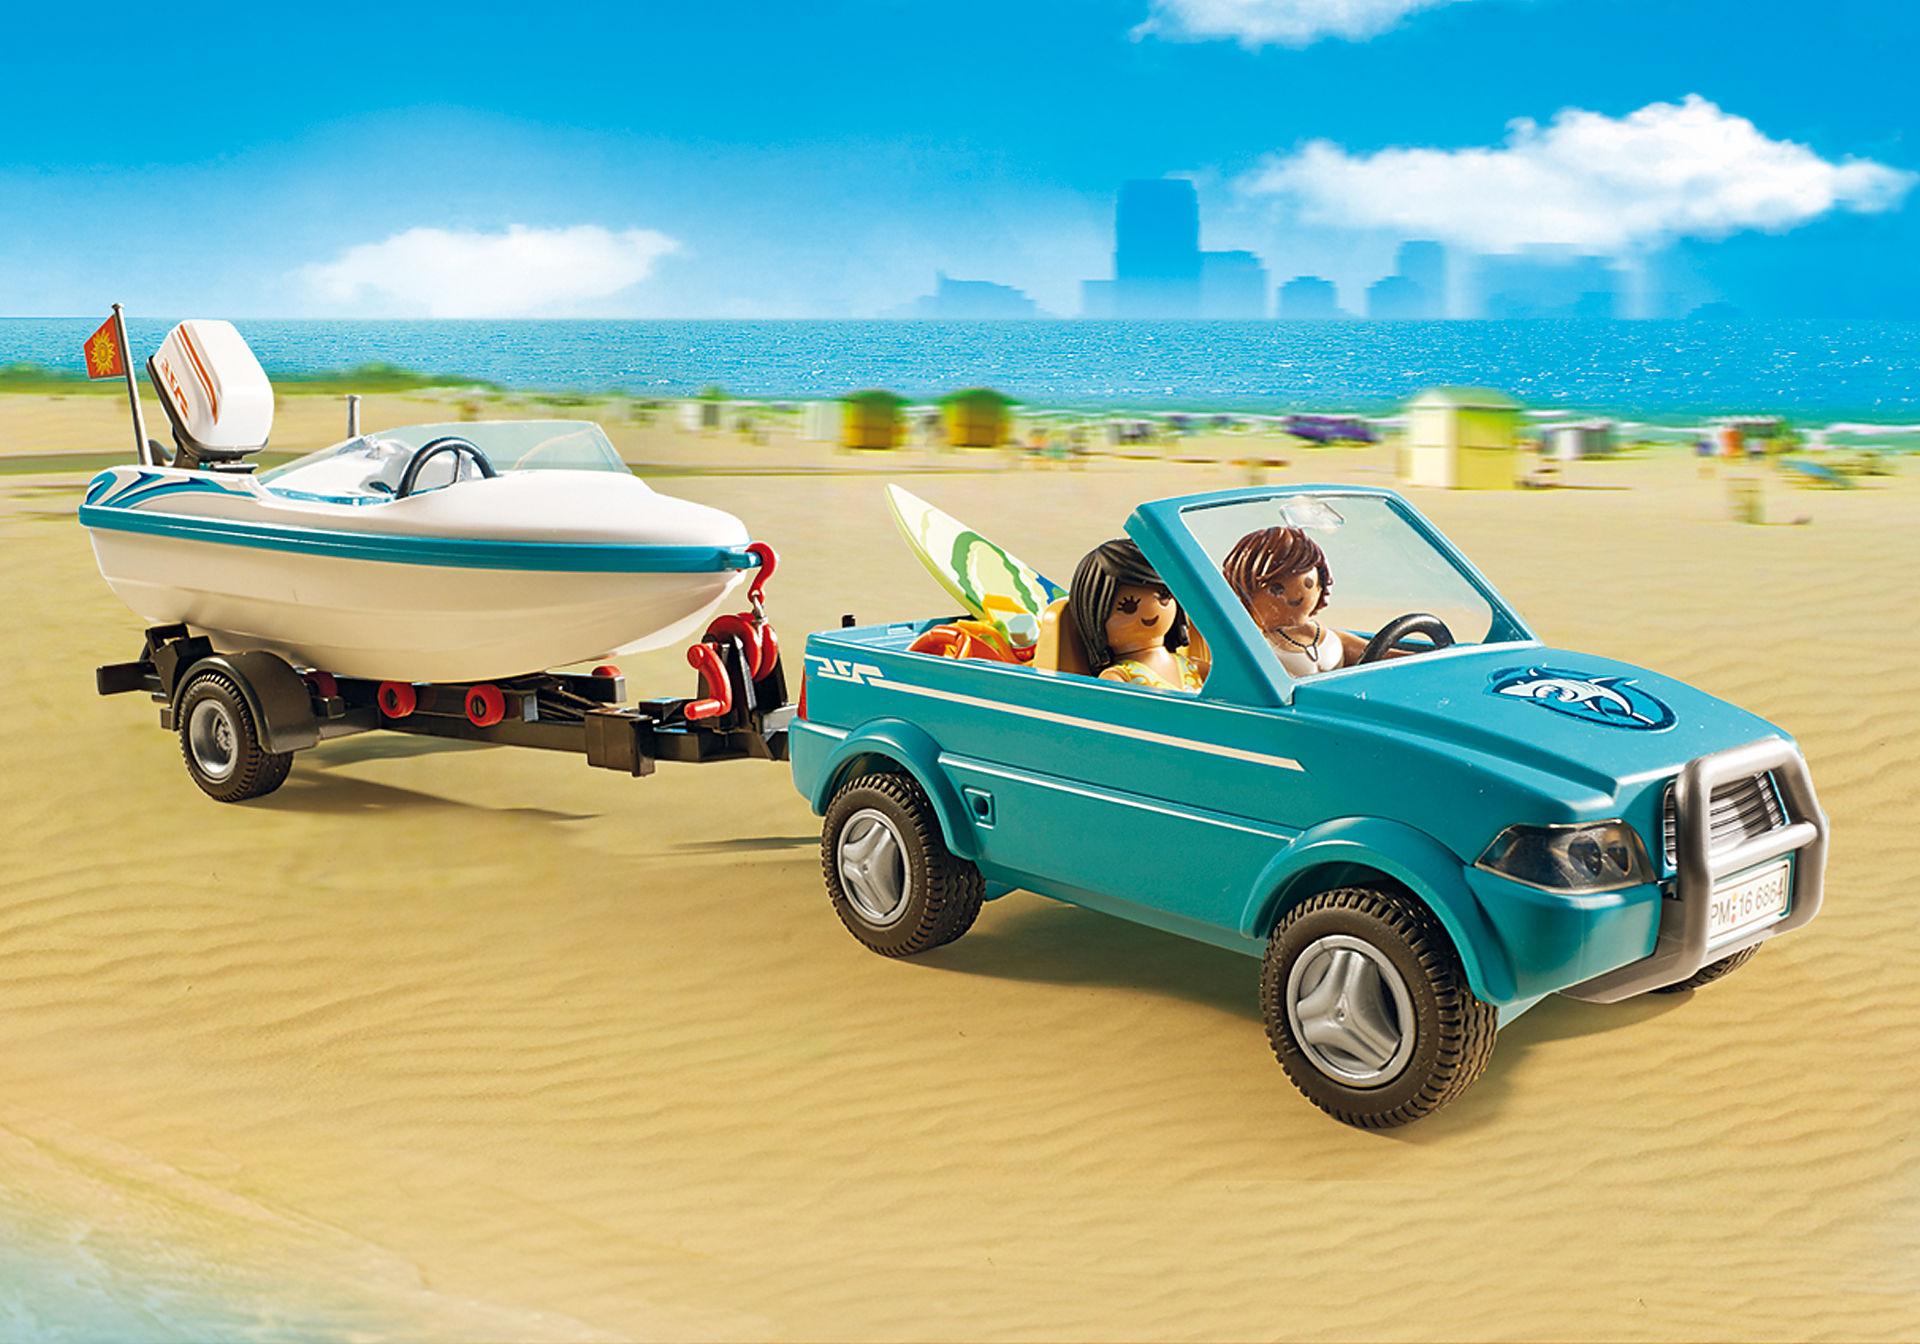 6864 Surfer-Pickup mit Speedboat  zoom image7